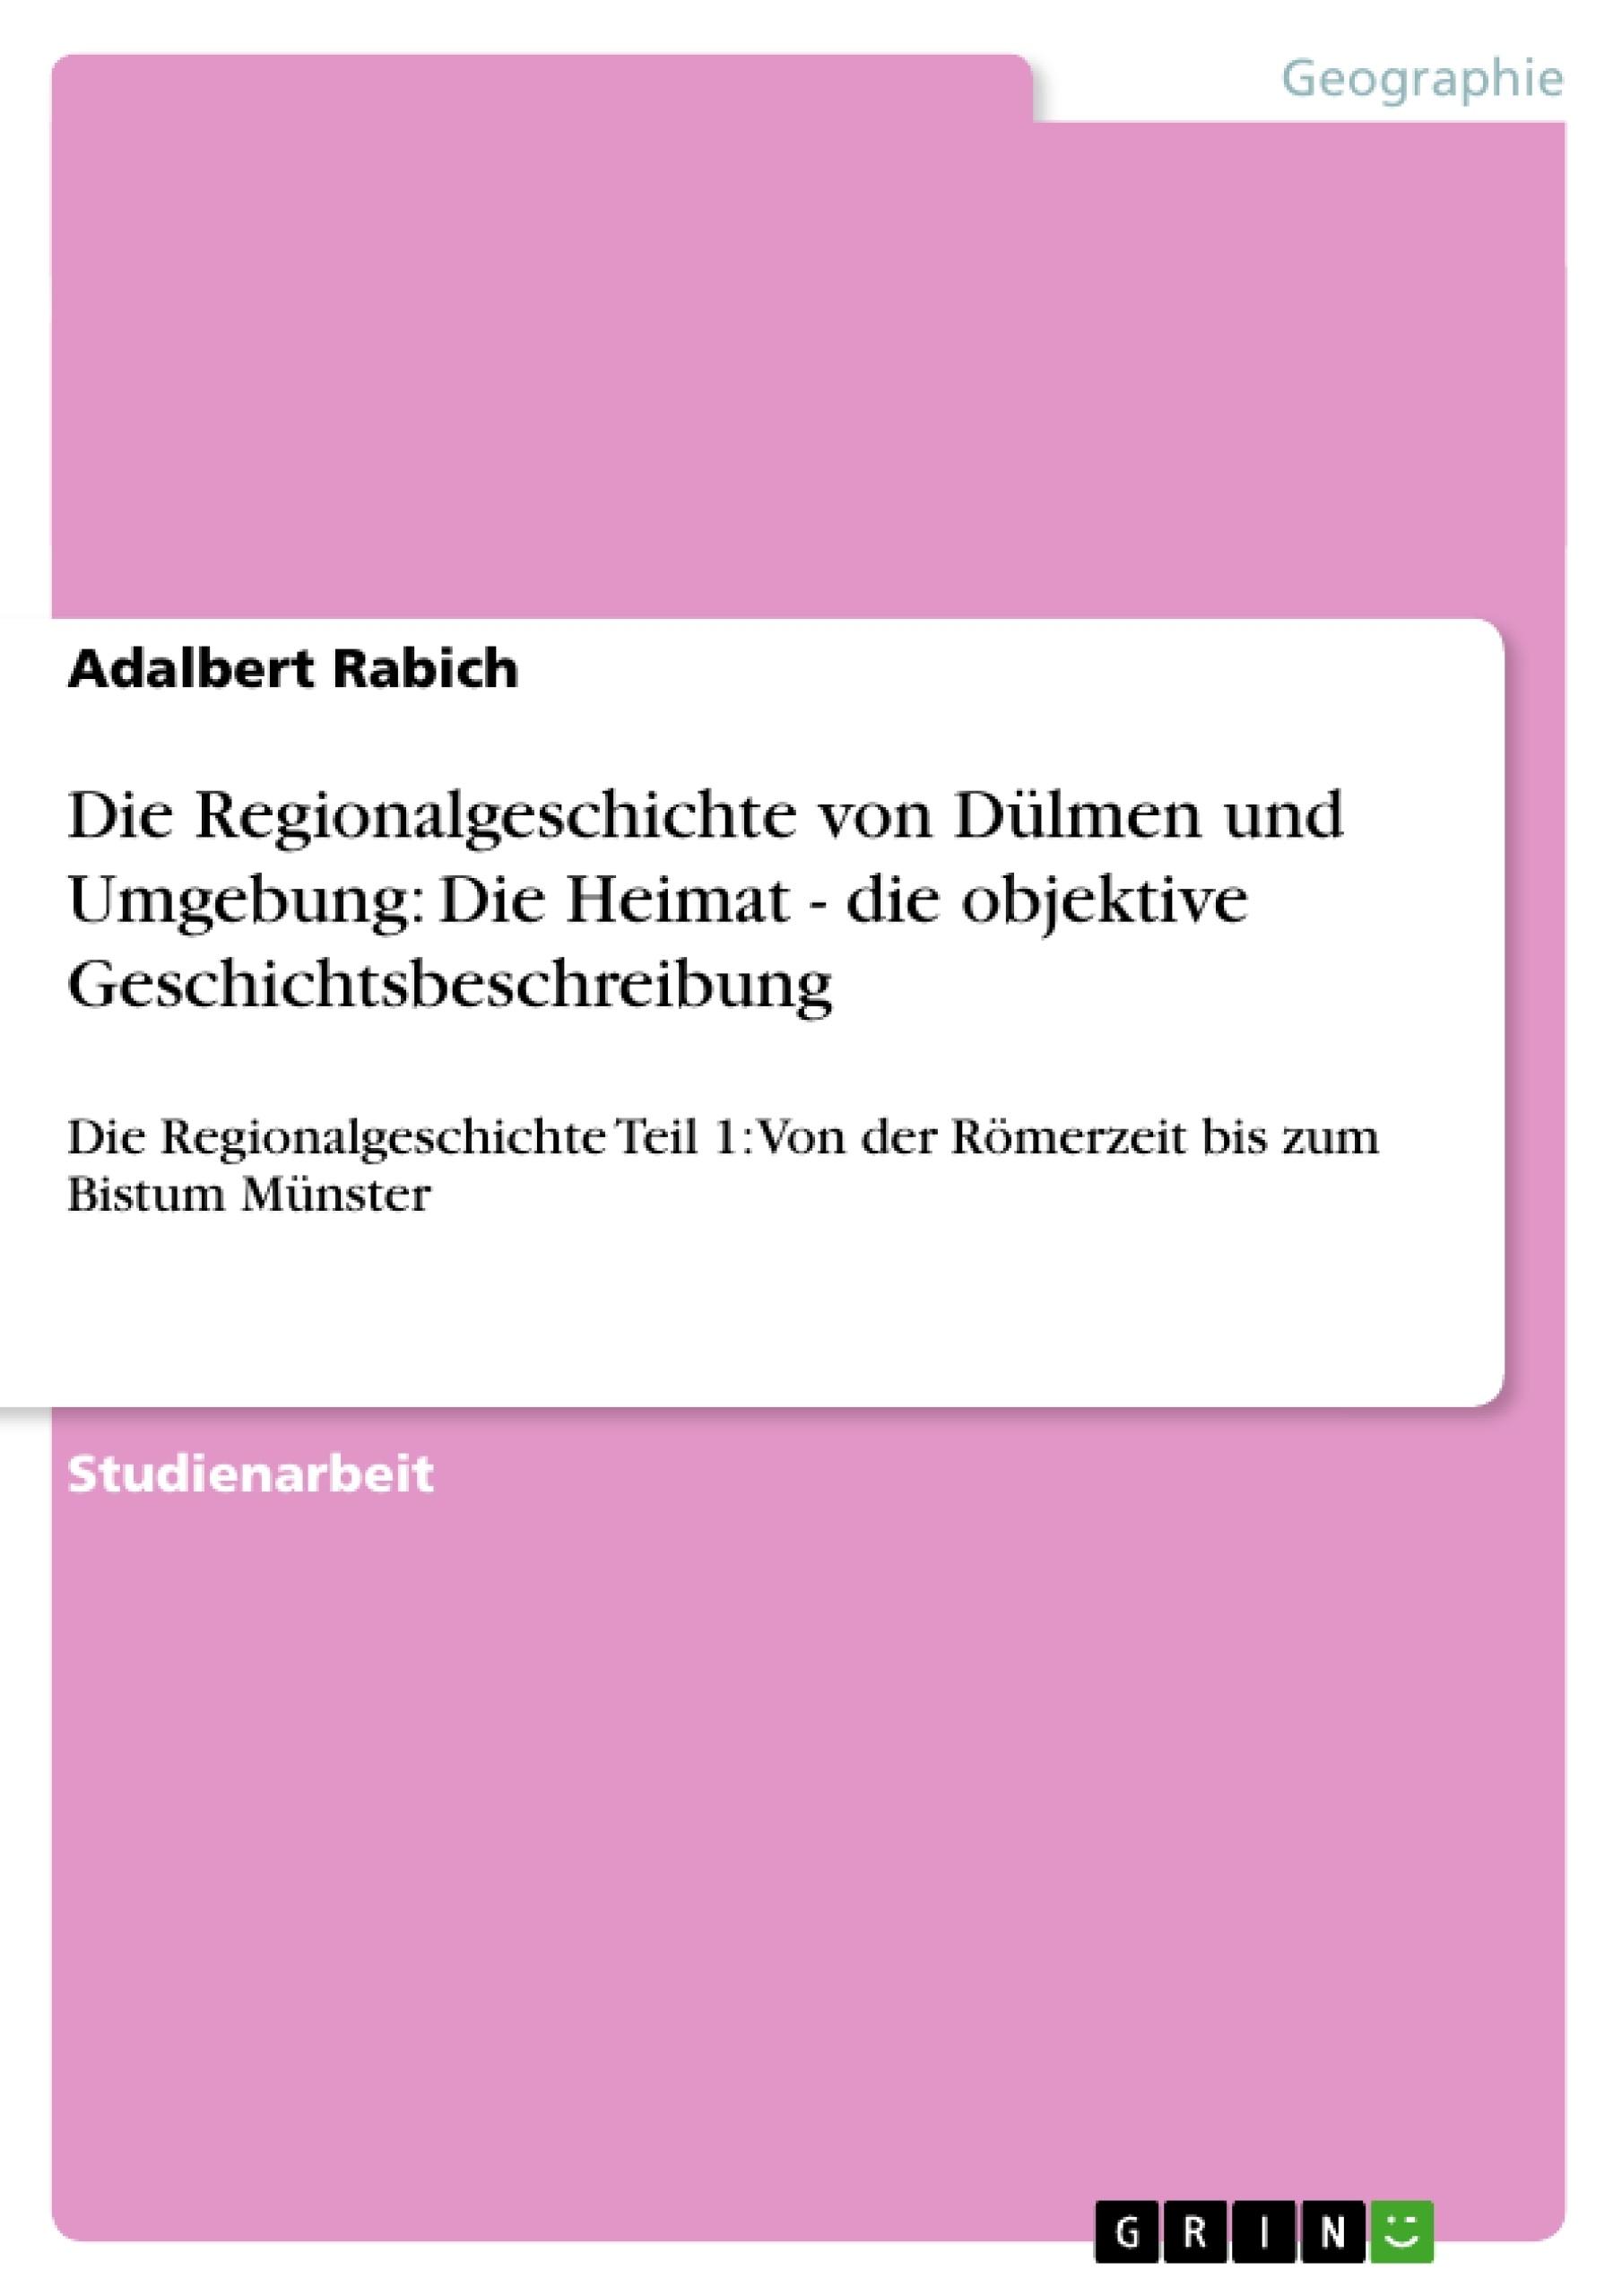 Titel: Die Regionalgeschichte von Dülmen und Umgebung: Die Heimat - die objektive Geschichtsbeschreibung